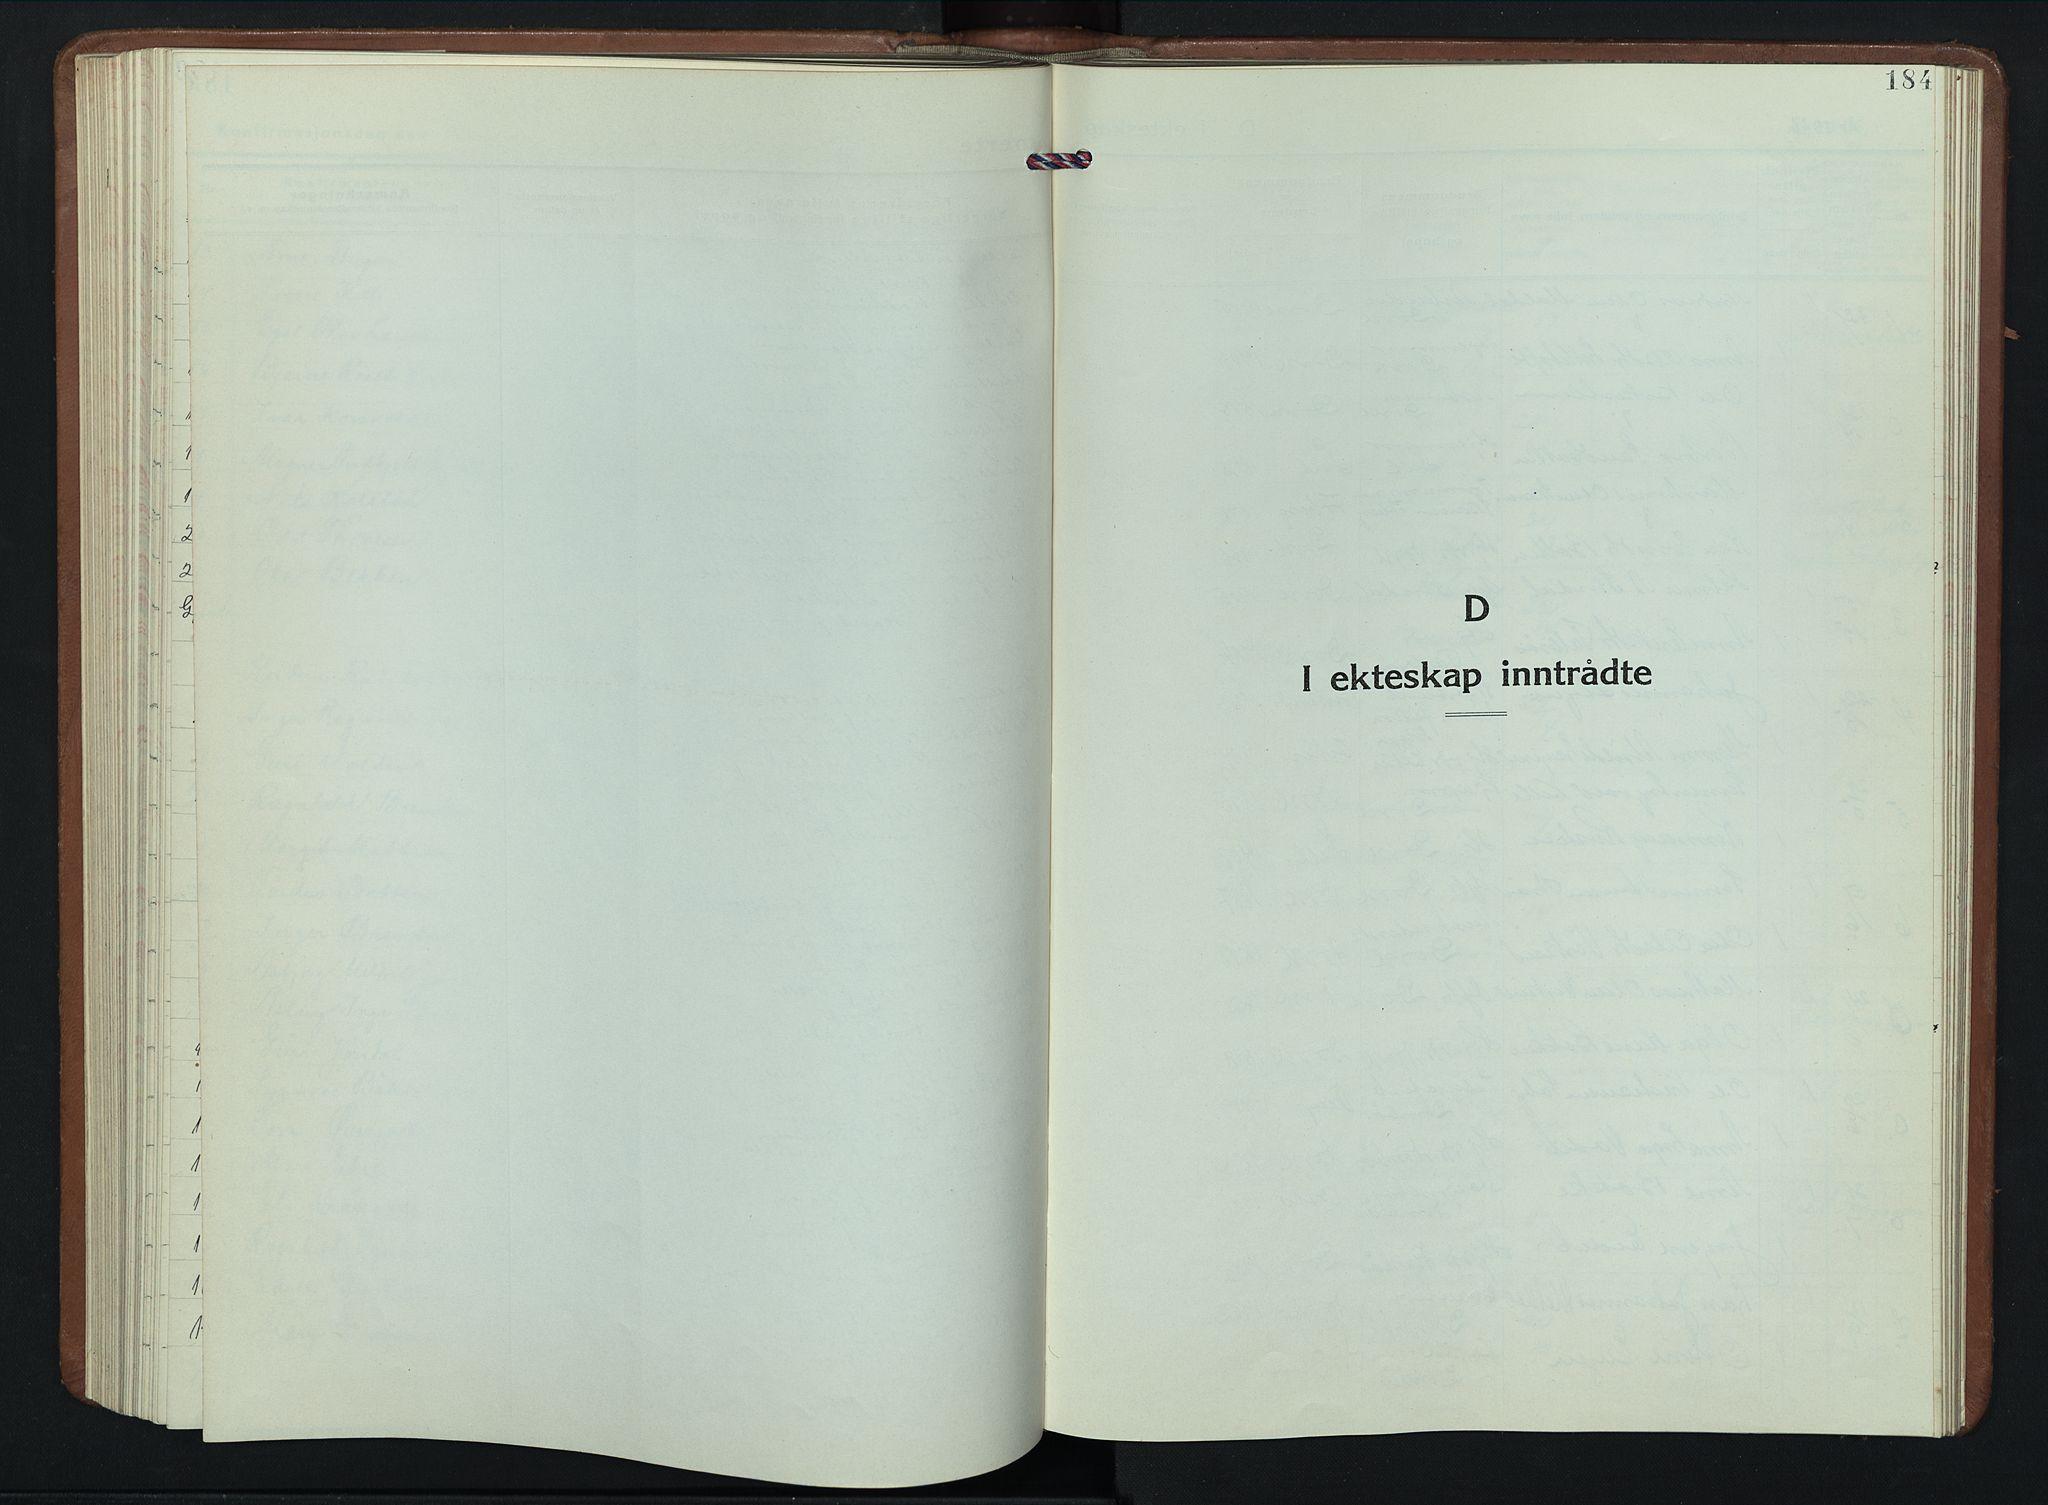 SAH, Dovre prestekontor, Klokkerbok nr. 4, 1926-1949, s. 184